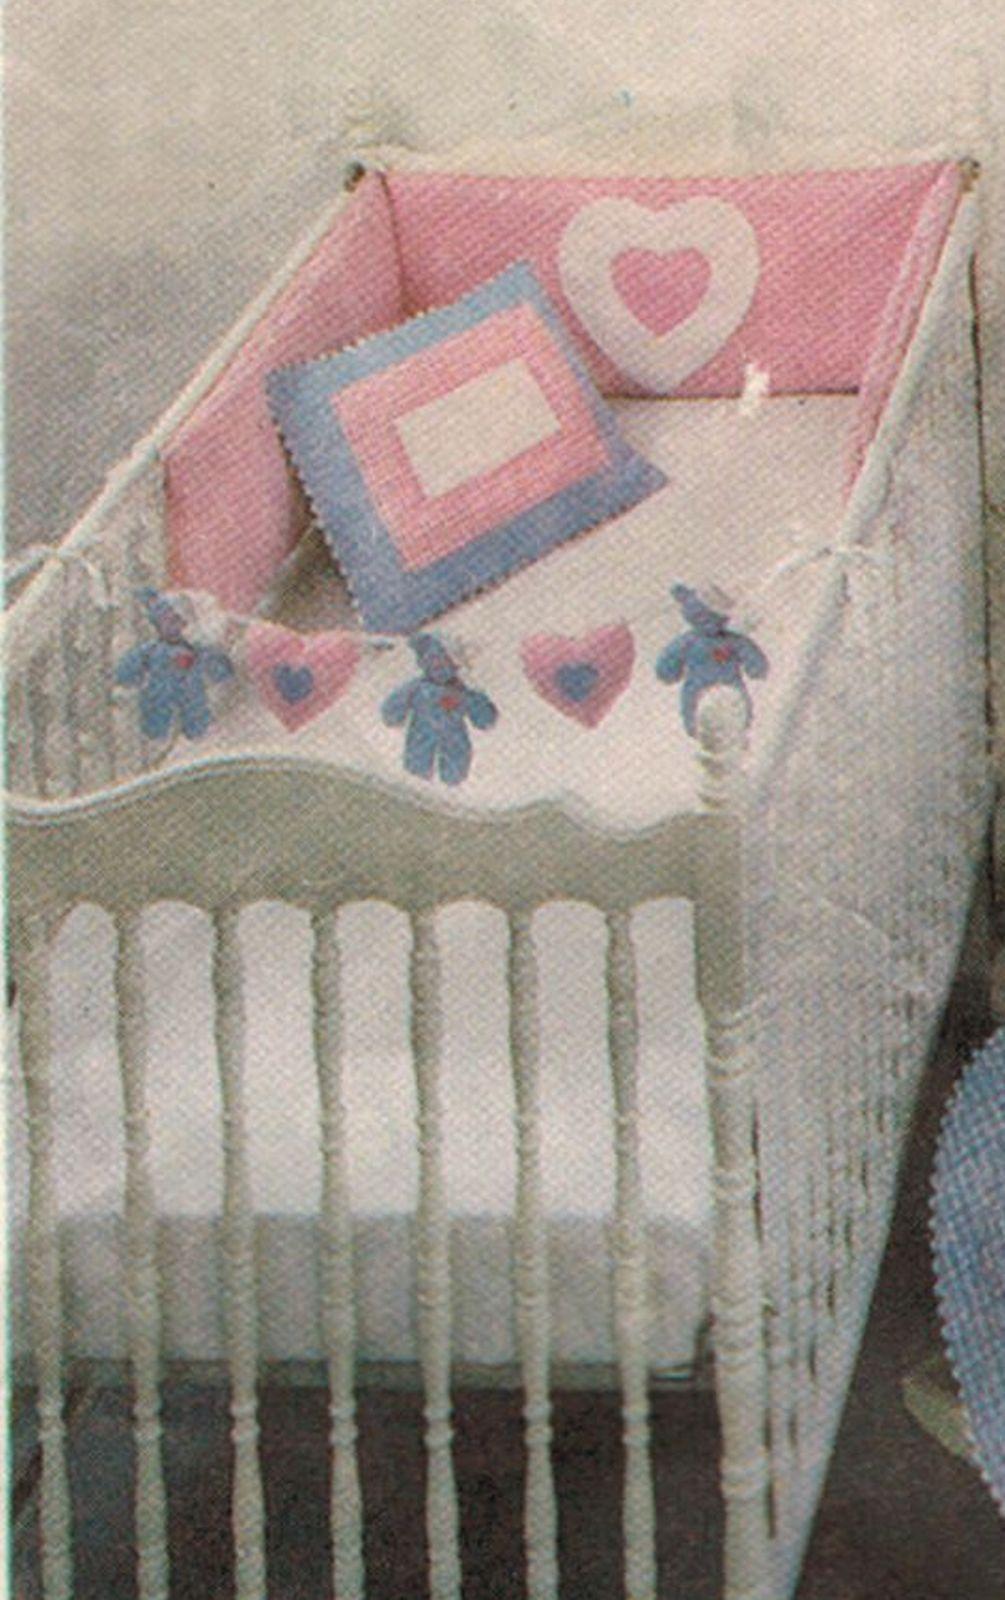 Baby Nursery Crib Teddy Bear Quilt Pillow and 16 similar items